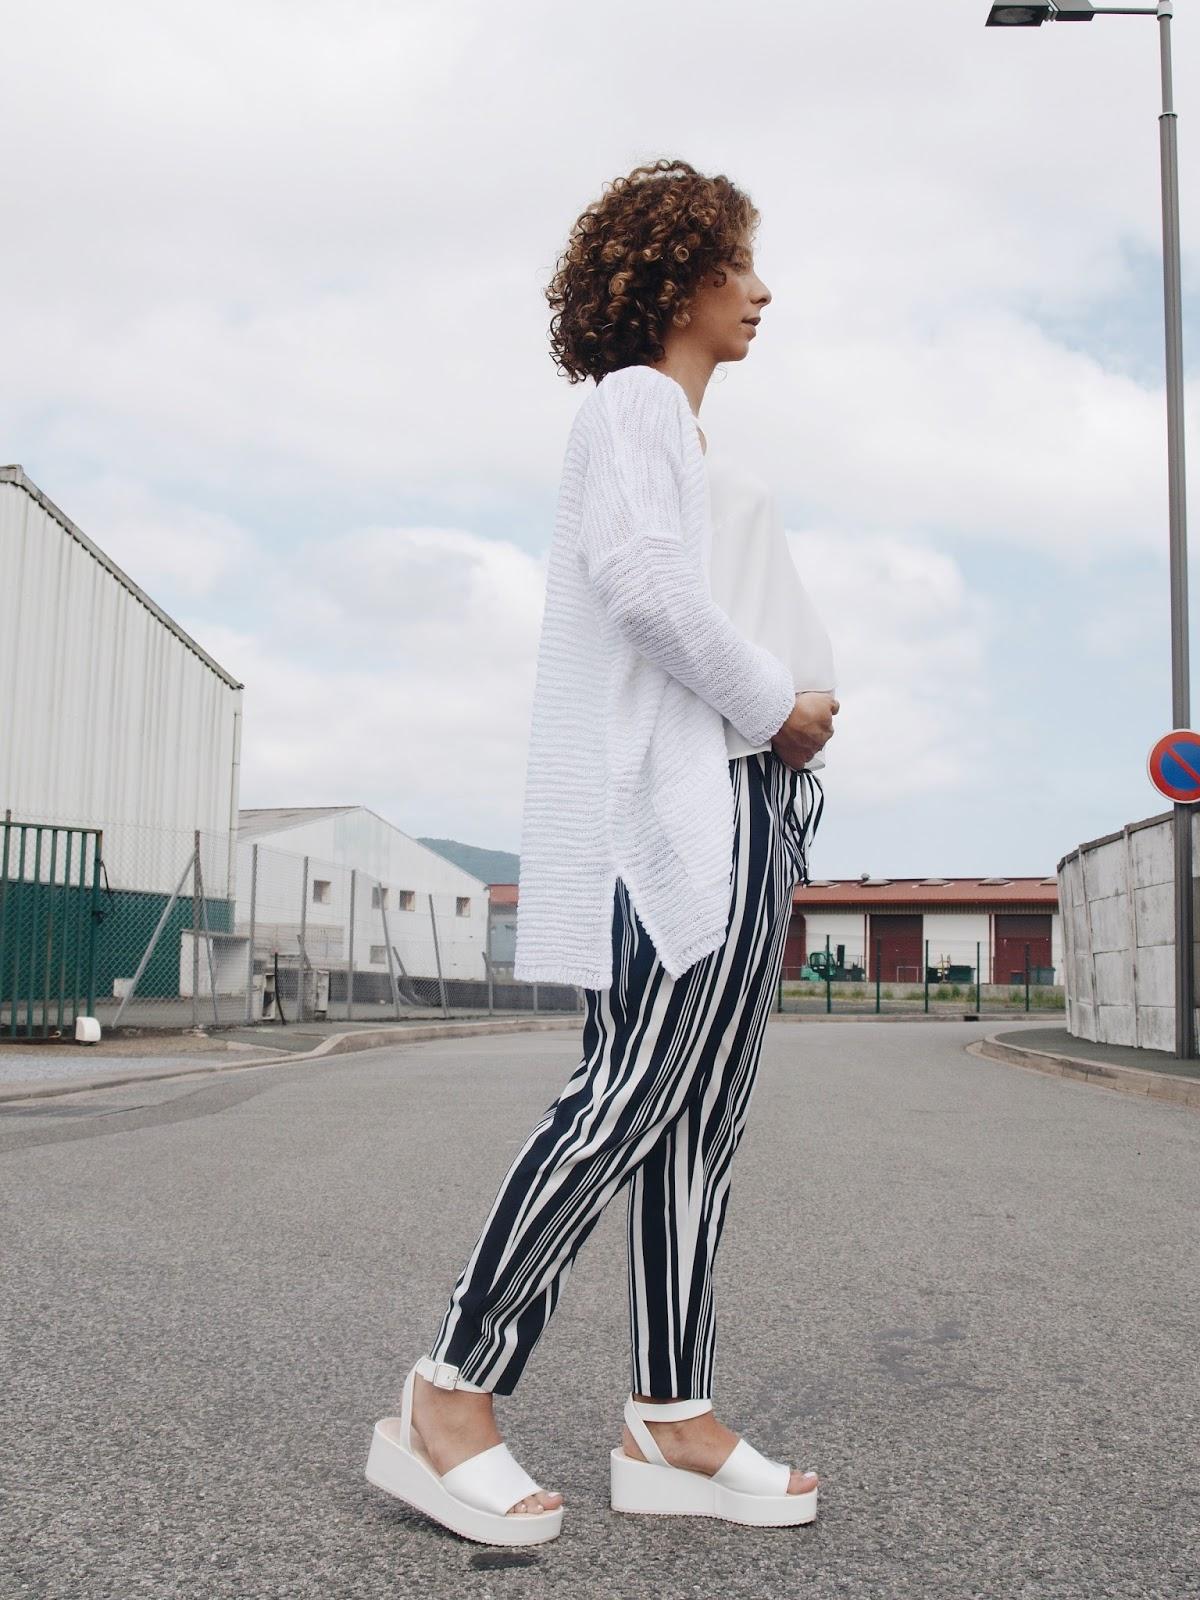 blackandwhite-outfit-coastalandco-blogger-hendaye-fashion-whiteshoes-bracelets